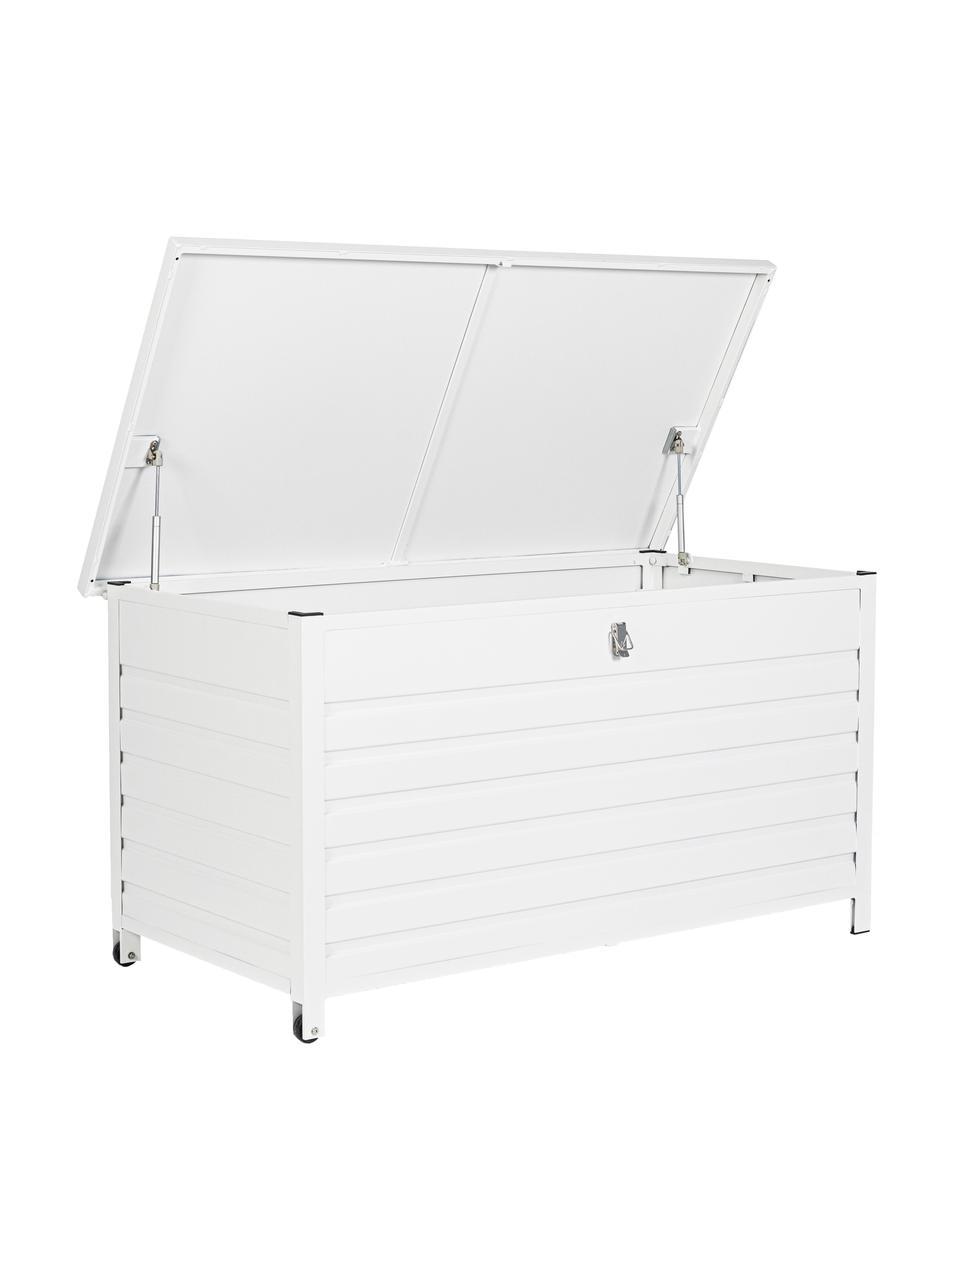 Auflagentruhe Atlantic in Weiß mit Rollen, Gestell: Aluminium, pulverbeschich, Rollen: Kunststoff, Weiß, 141 x 74 cm